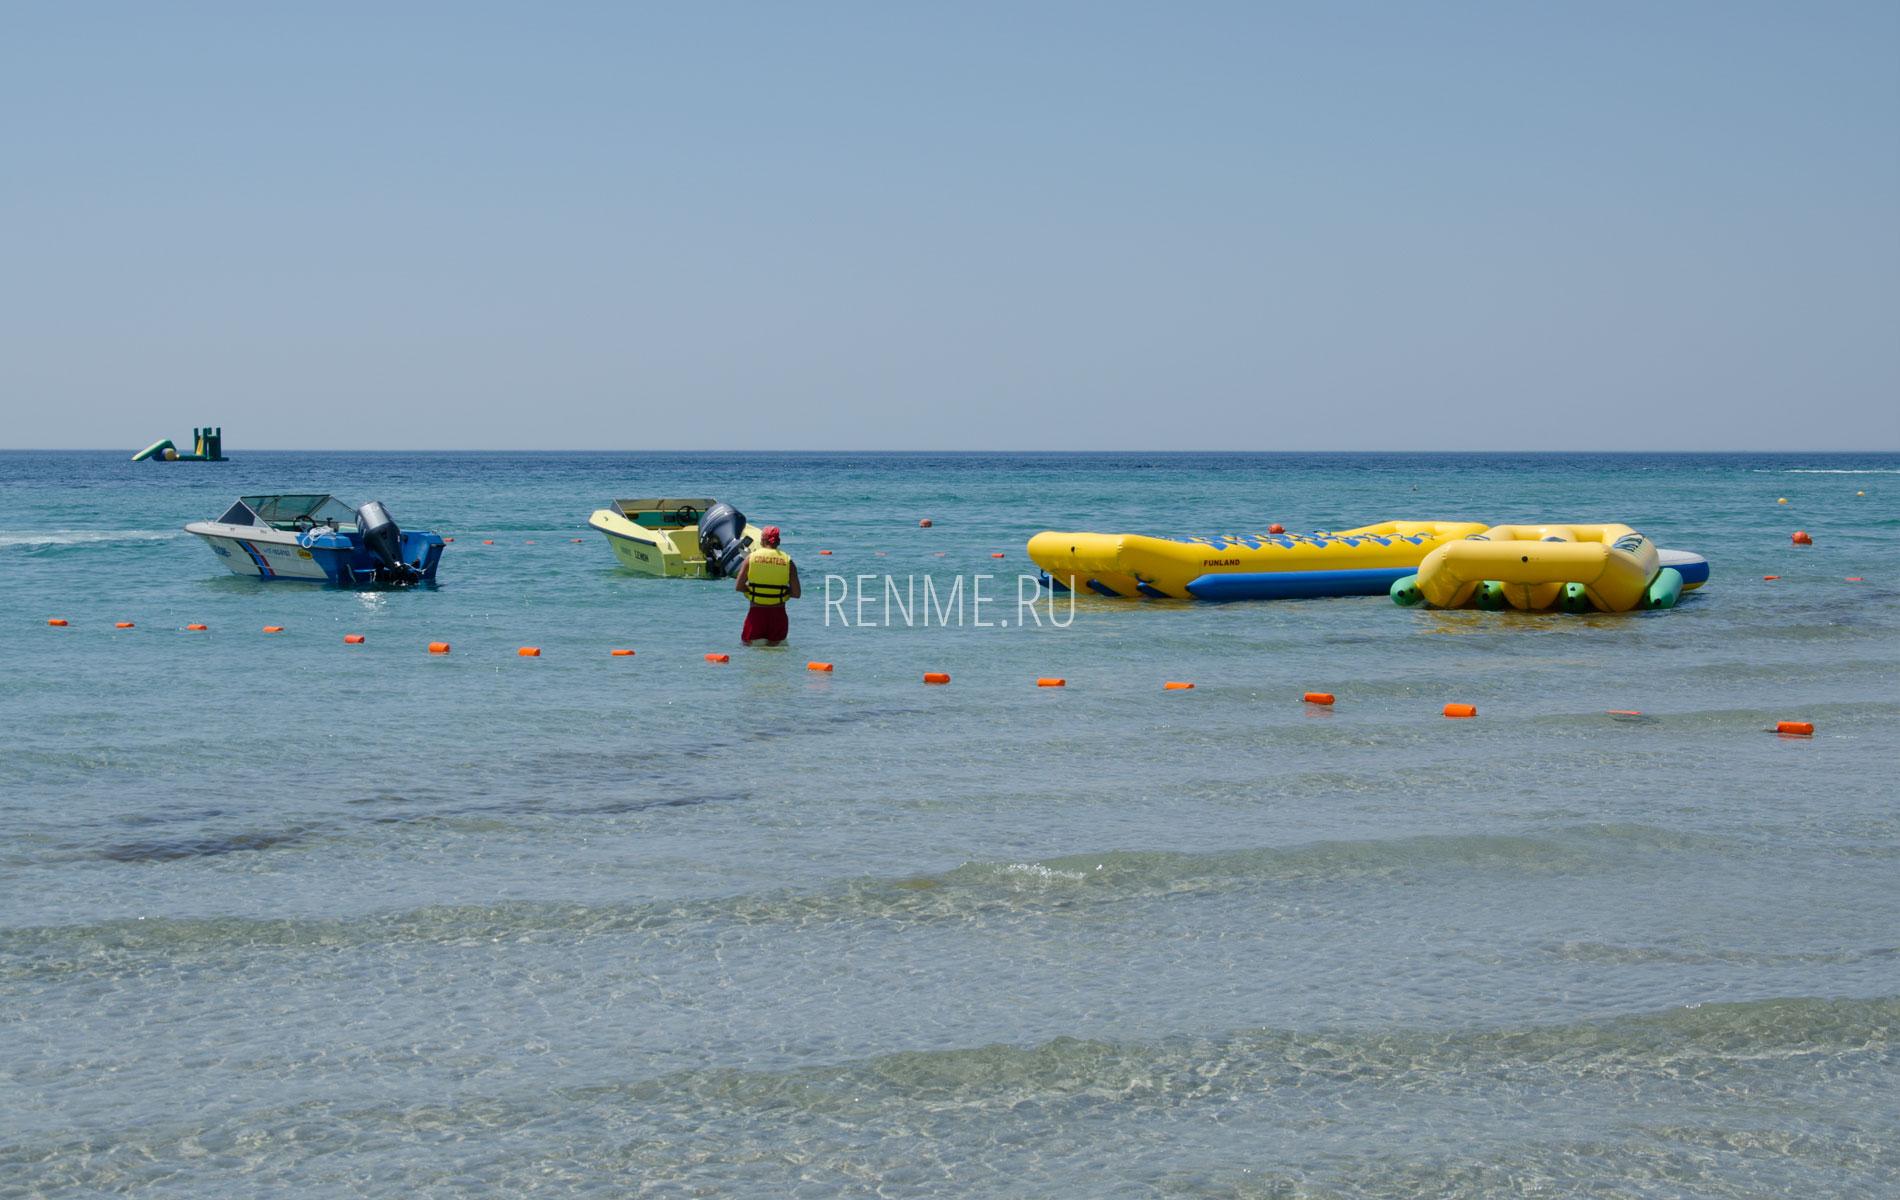 Веселые водные развлечения. Фото Штормового